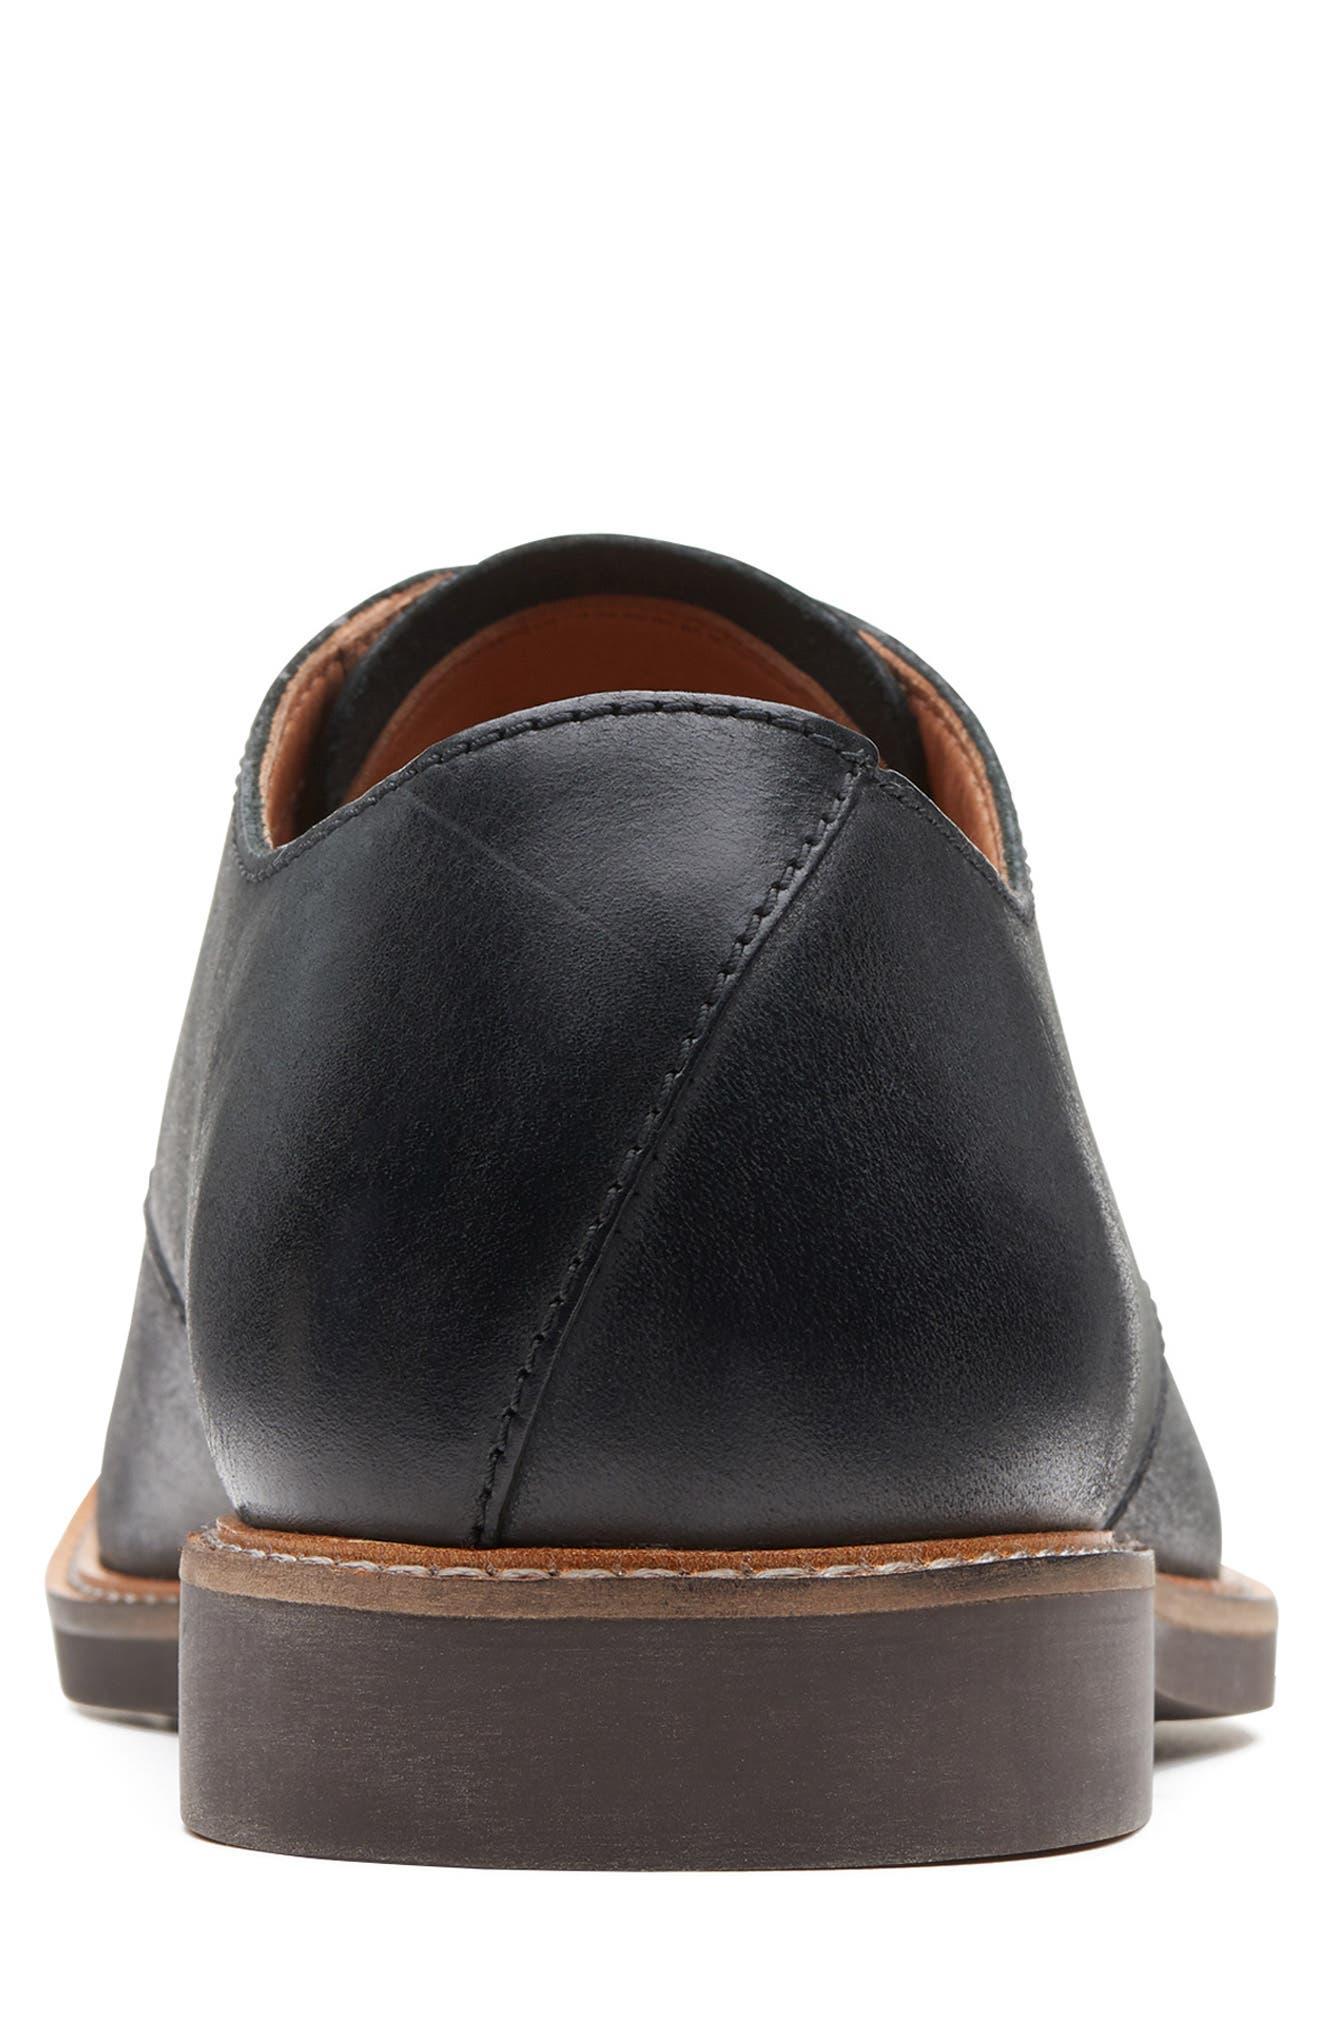 Clarks<sup>®</sup> Atticus Plain Toe Derby,                             Alternate thumbnail 4, color,                             BLACK LEATHER